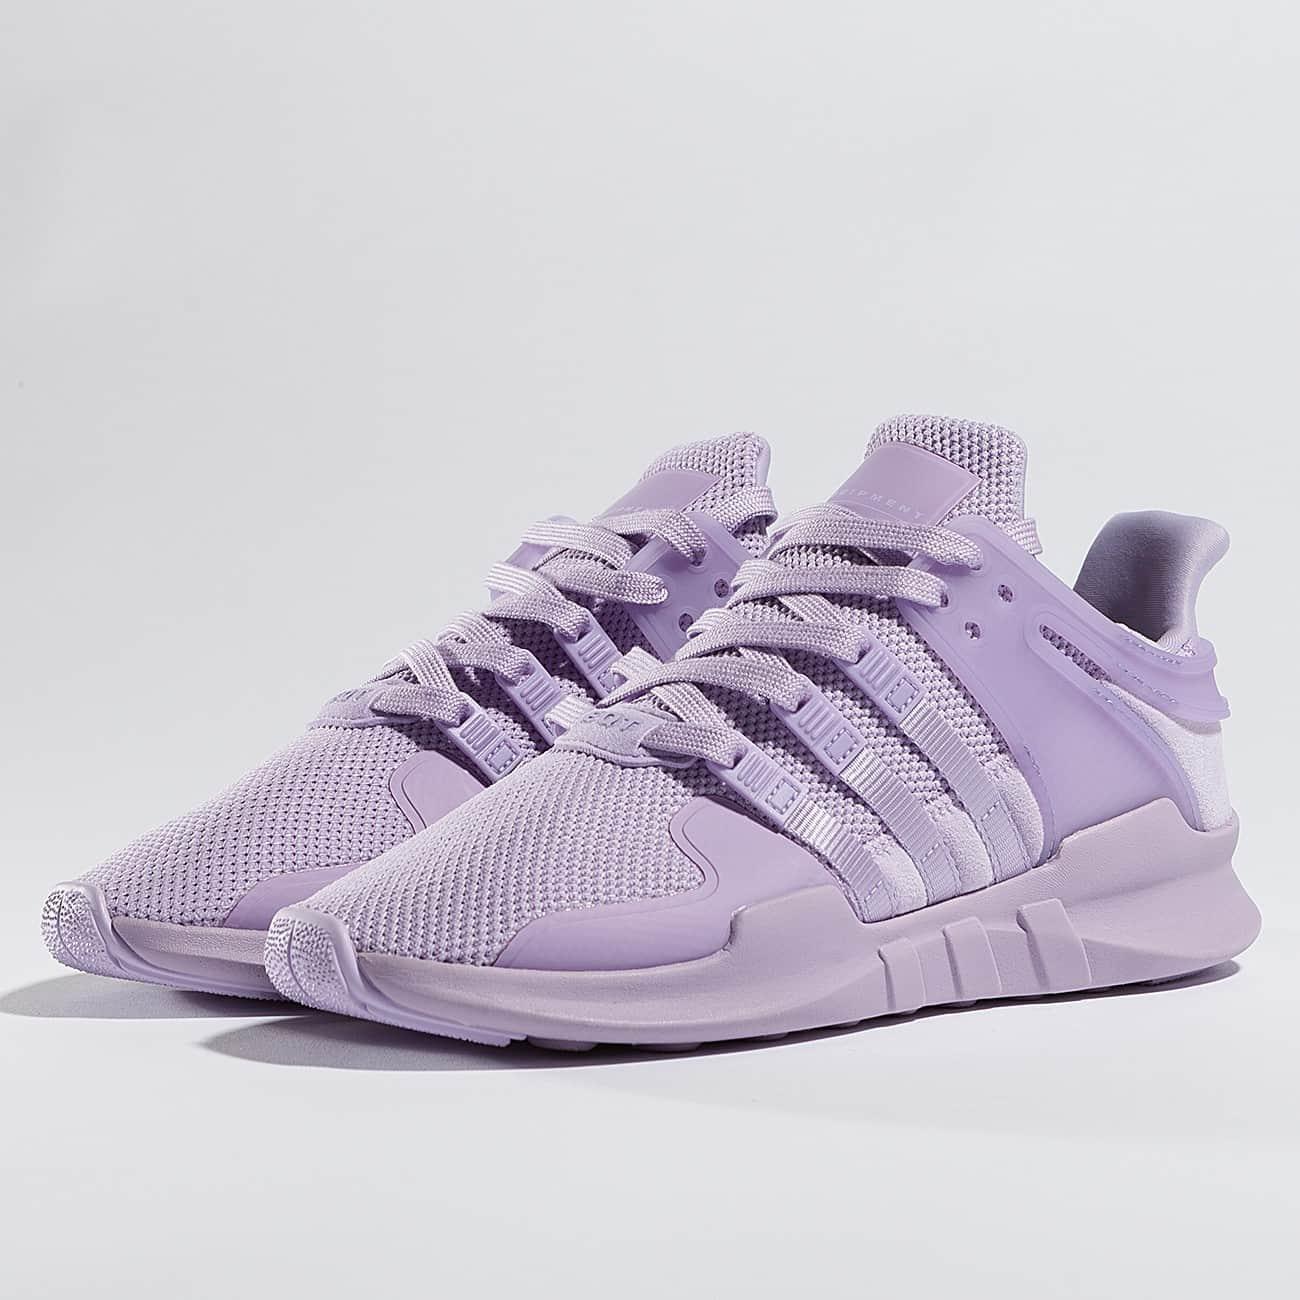 Adidas Sneaker Equipment Support ADV in Violet für nur 64,64€ statt 129€  im DefShop !